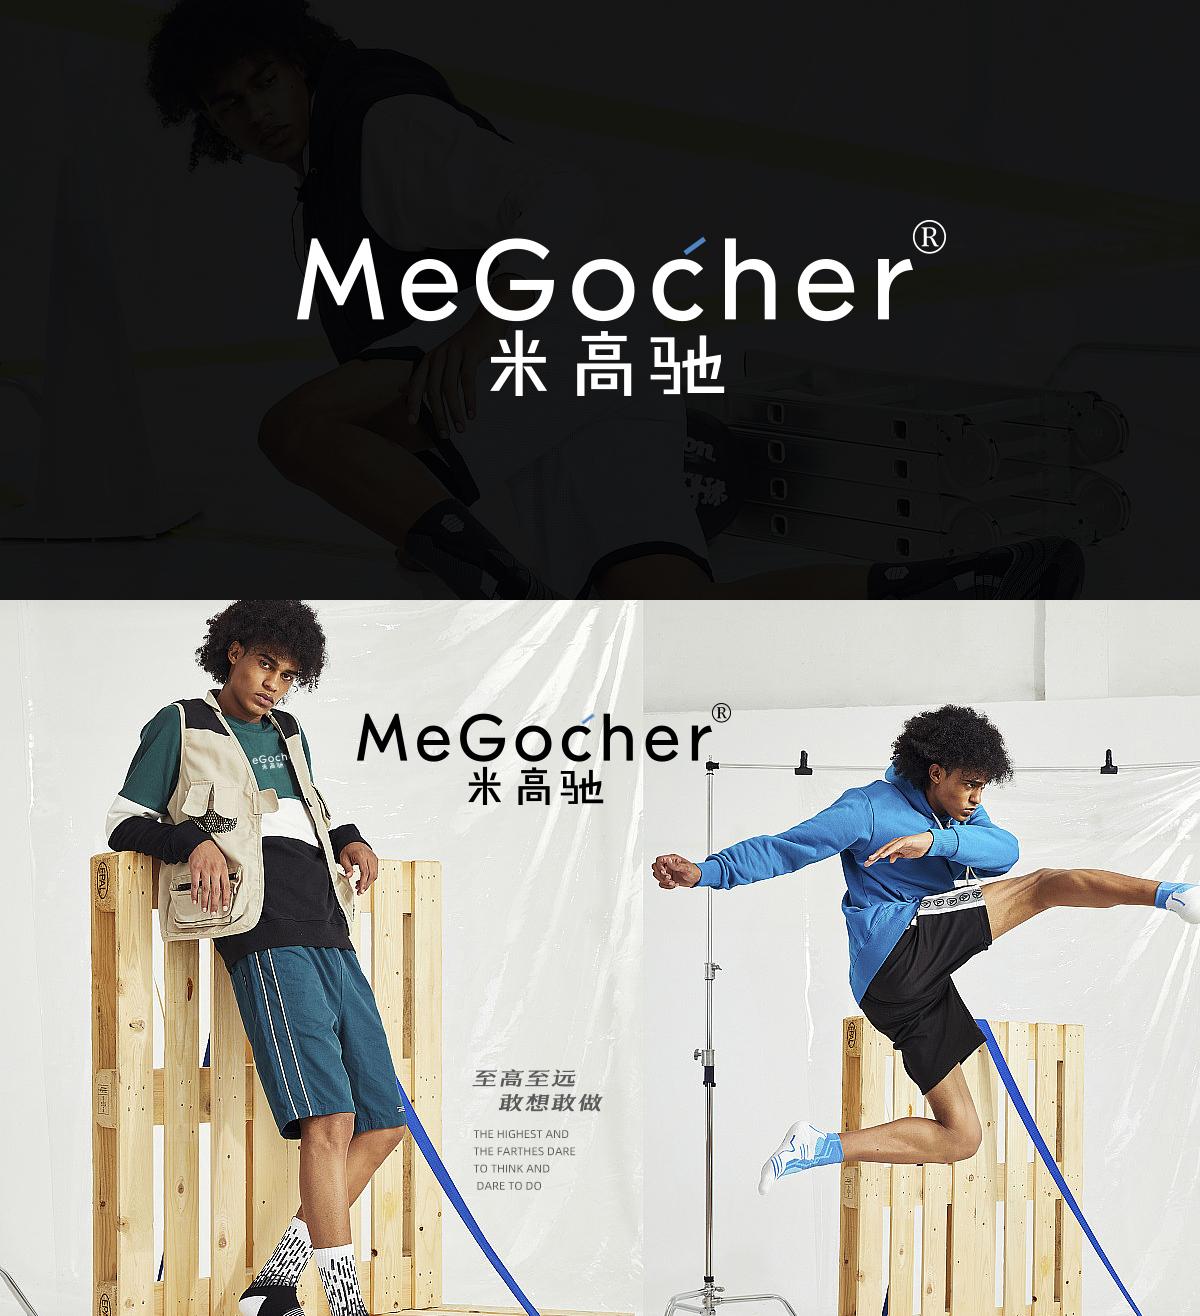 米高驰 MEGOCHER